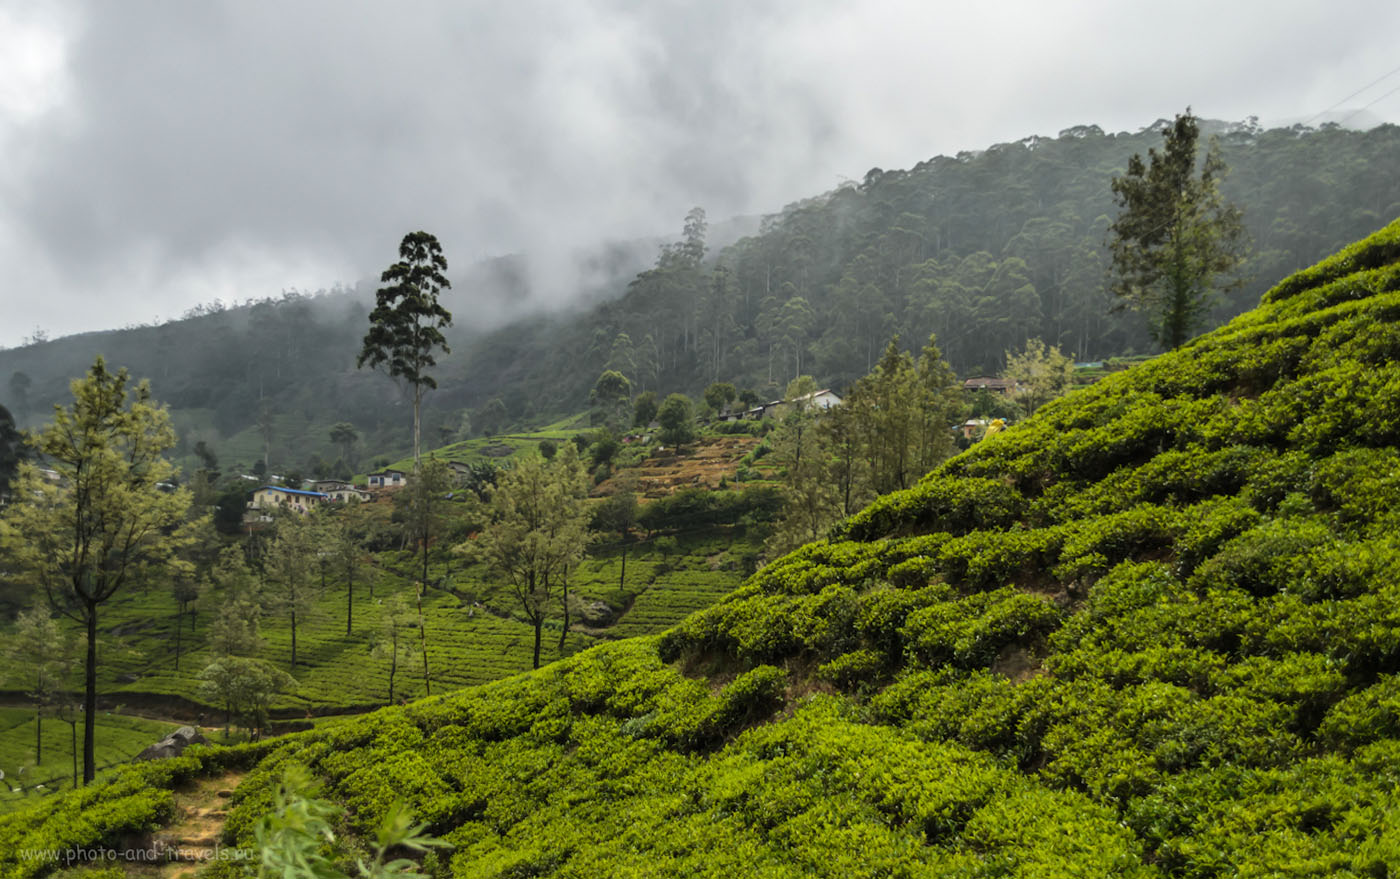 Фото 11. Чайные плантации компании Mackwoods Labookellie. Отзыв о поездке из Нувара Элии. Отчет о поездке по Шри-Ланке дикарями.